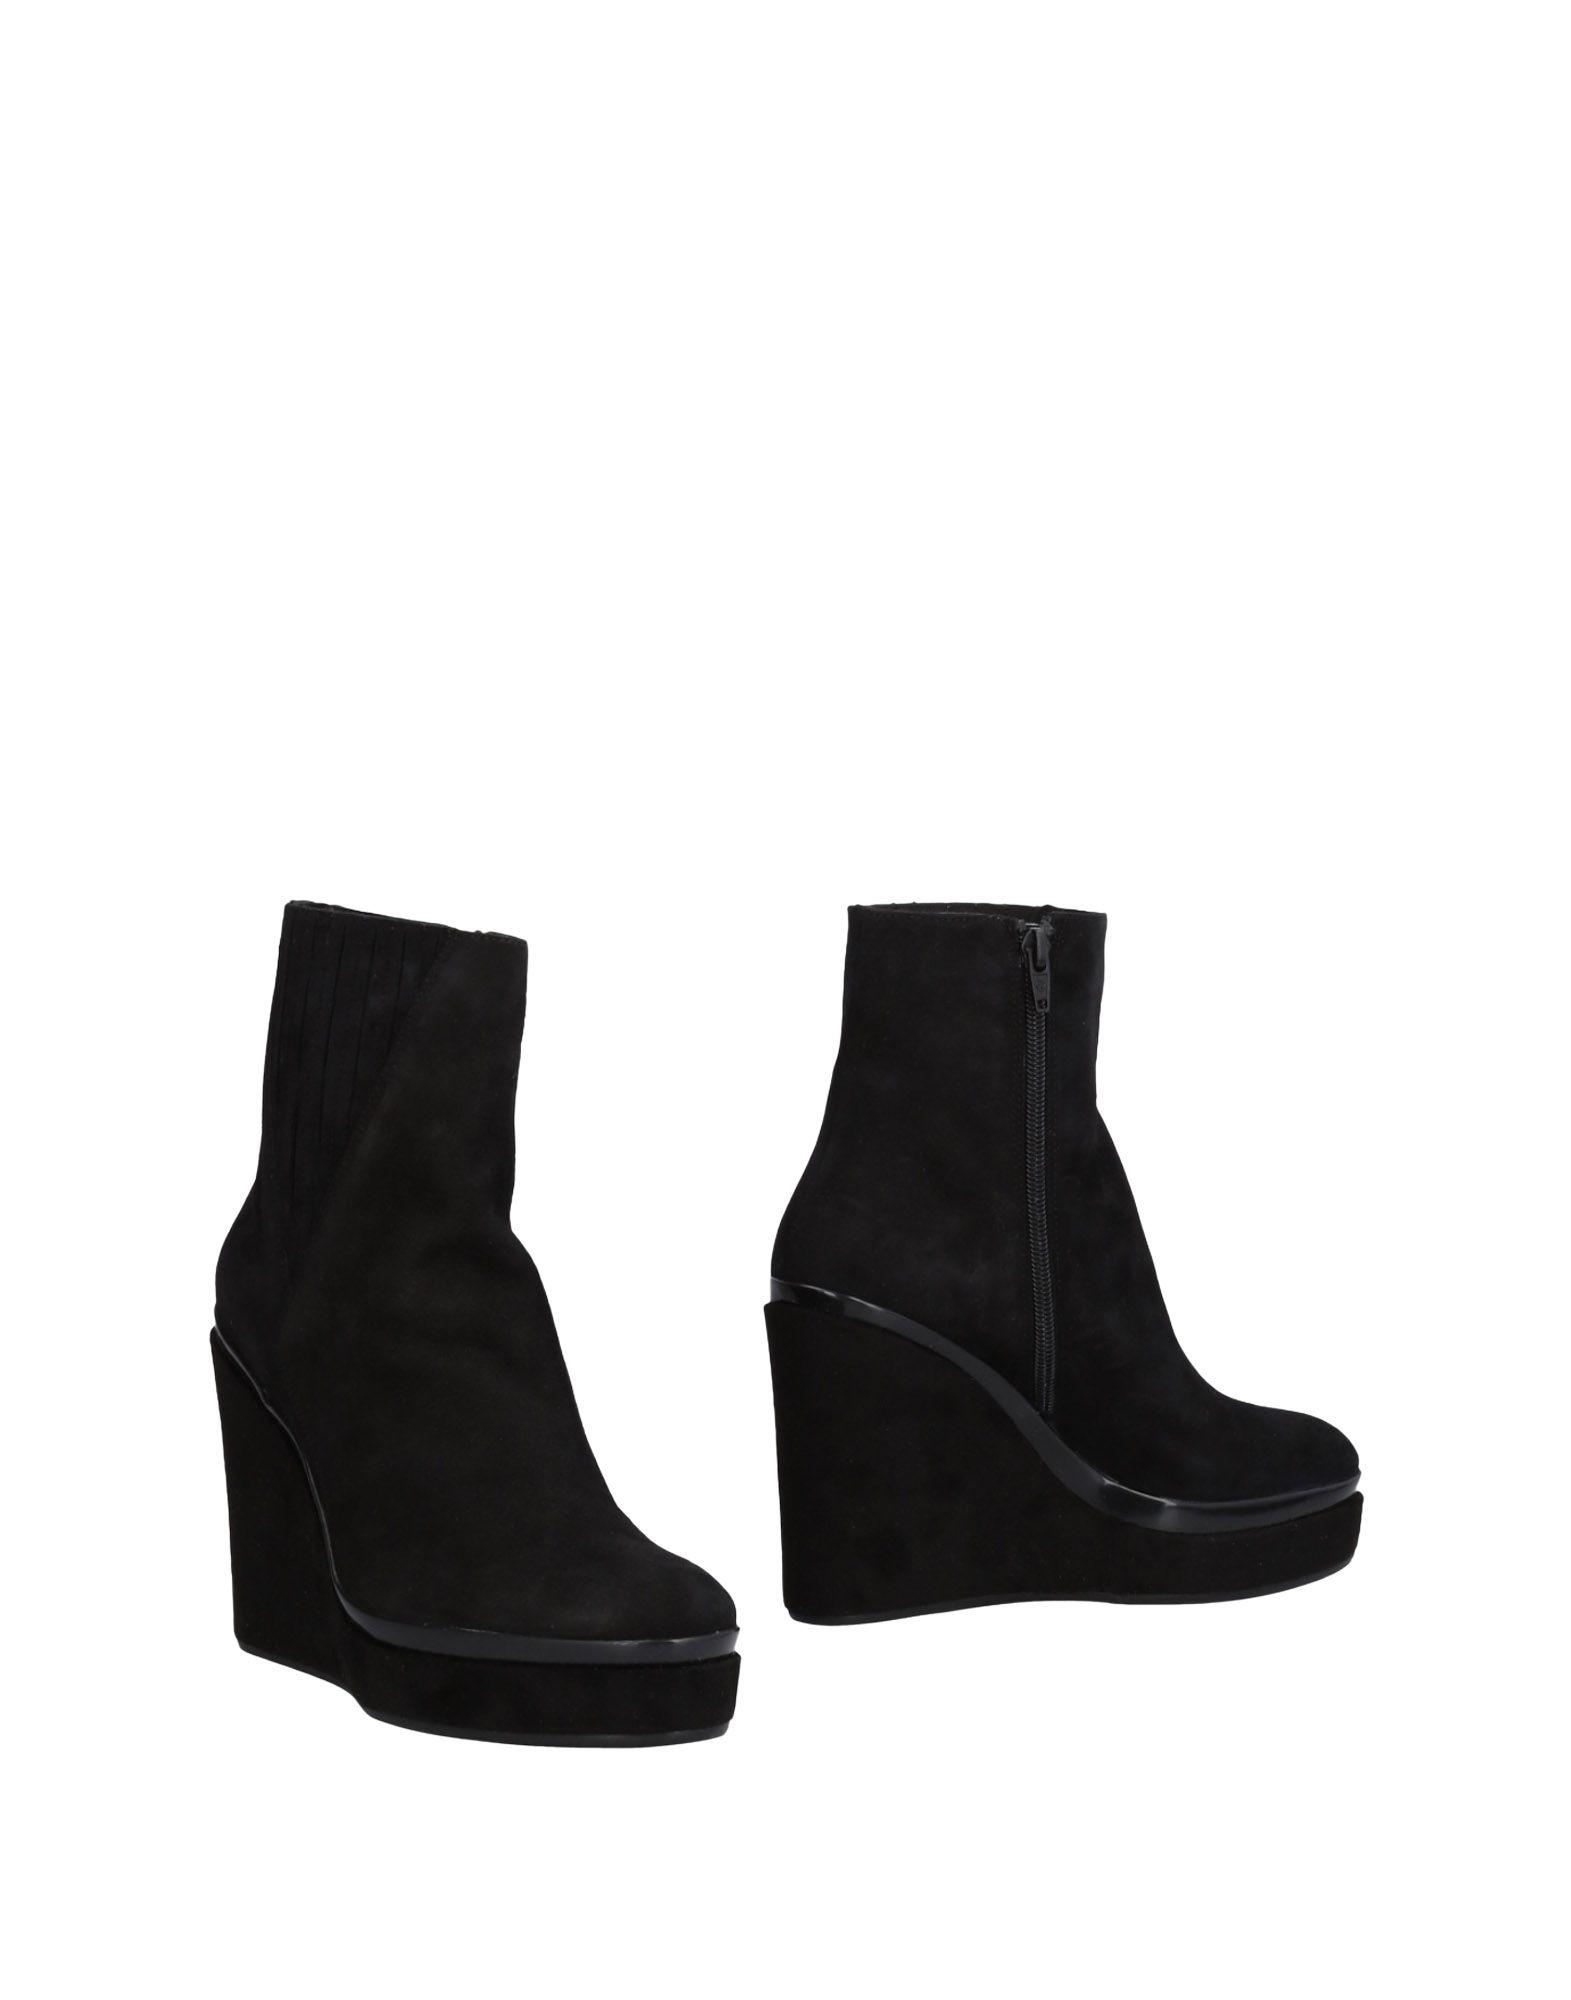 E Vee Stiefelette Damen  11480351SB Gute Qualität beliebte Schuhe